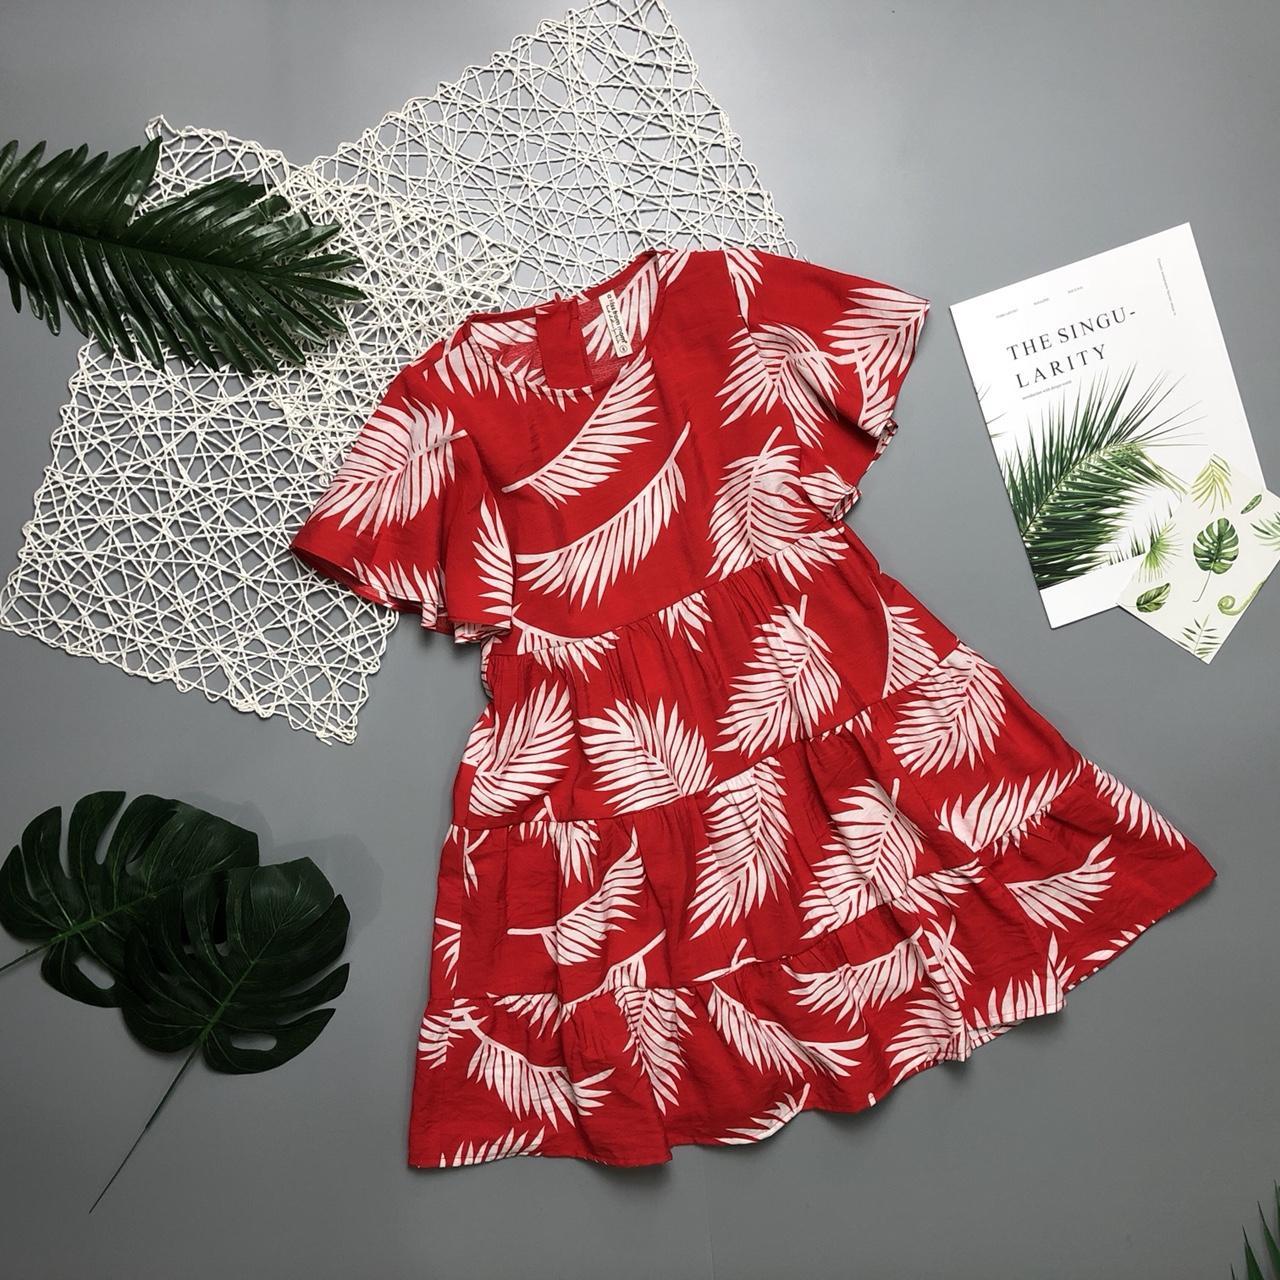 Giá bán Váy đũi hoa đại tay xòe cho bé 7-12 tuổi - hàng thiết kế